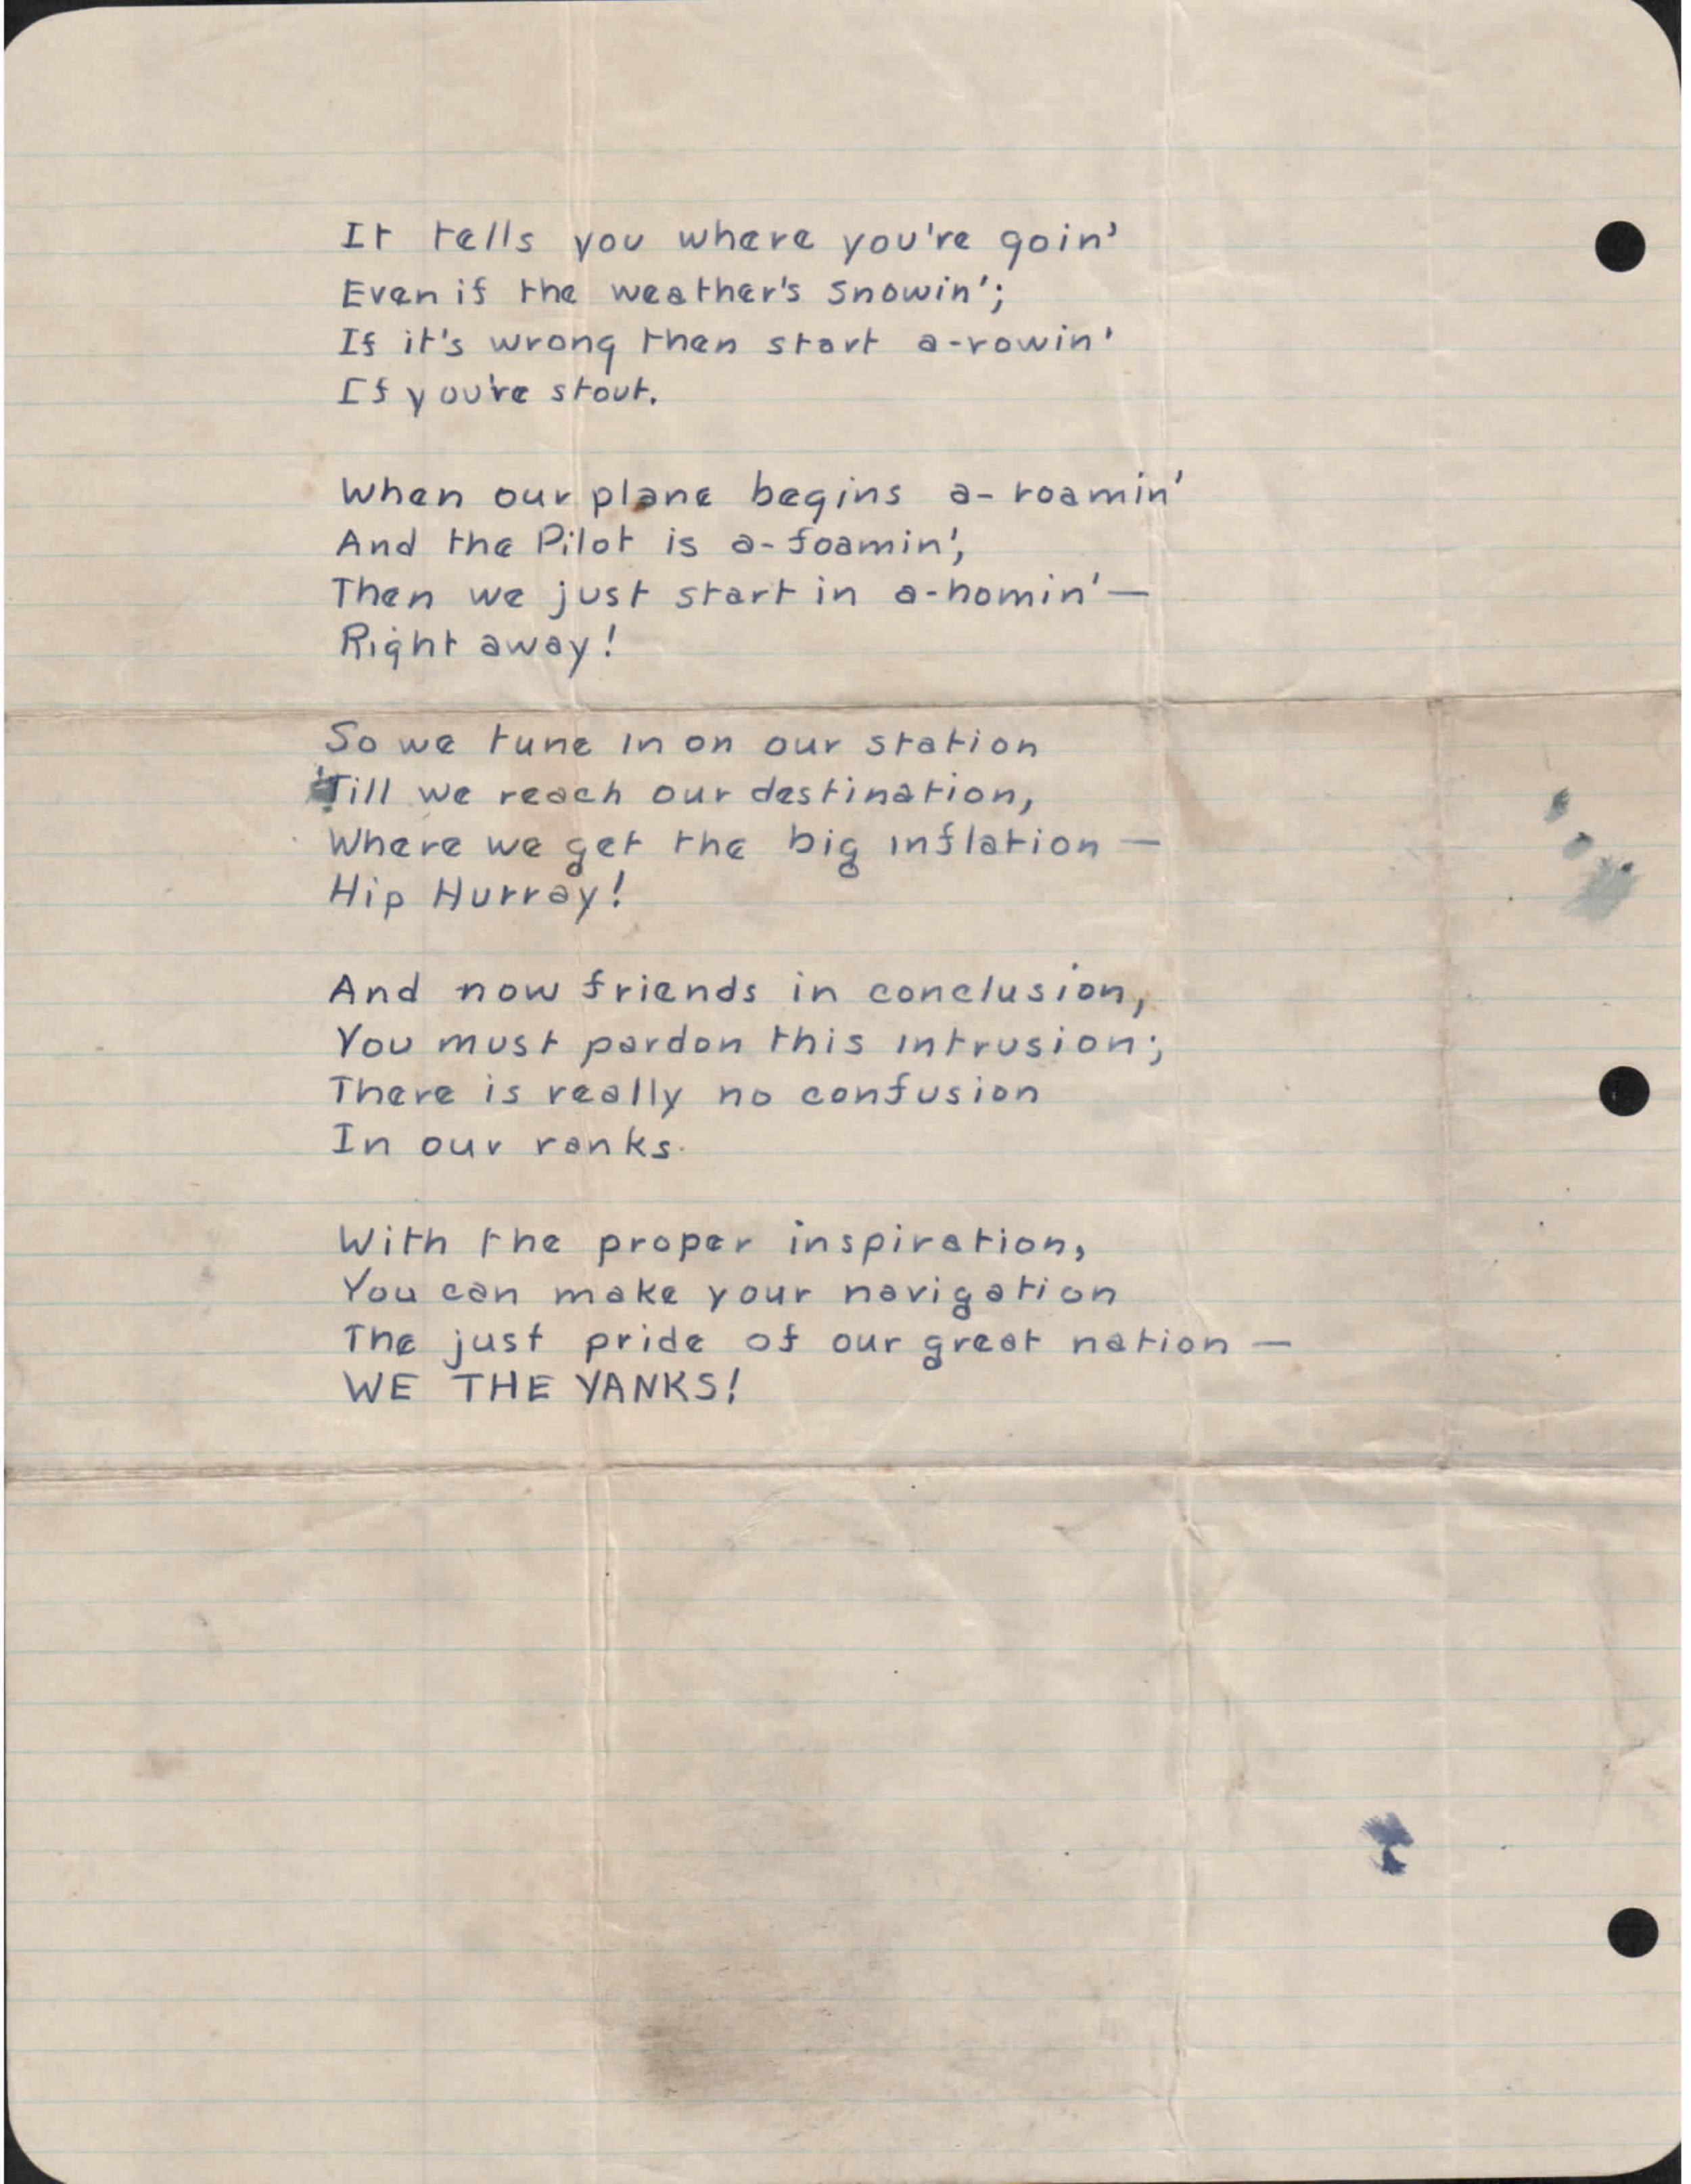 Maynard navigator poem 2.jpg